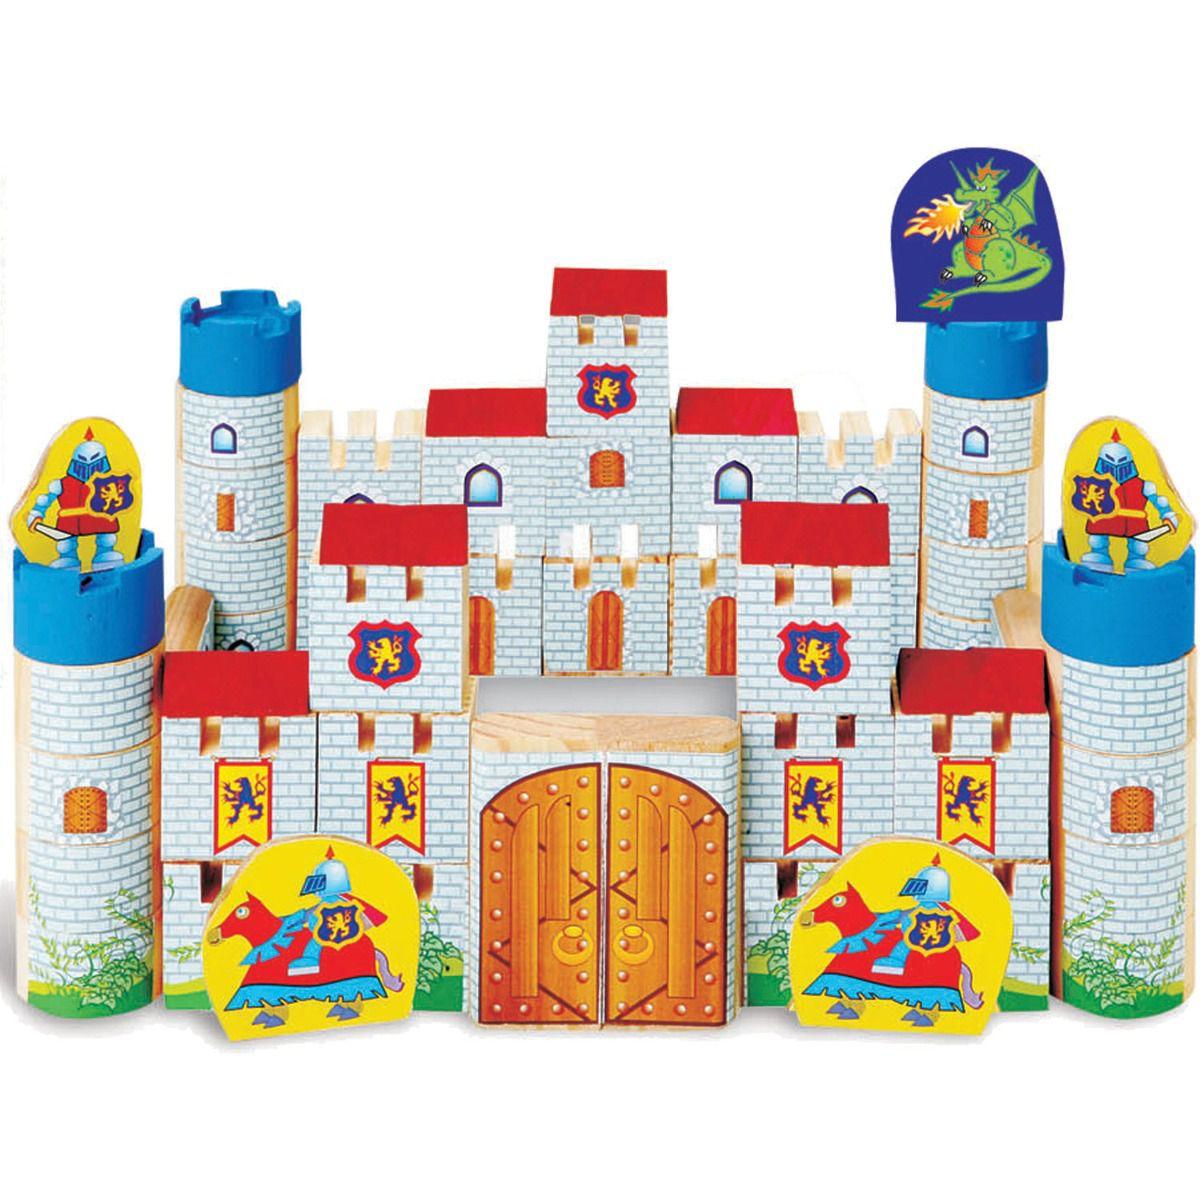 Brinquedo Para Montar Castelo Encantado Madeira 64 pçs